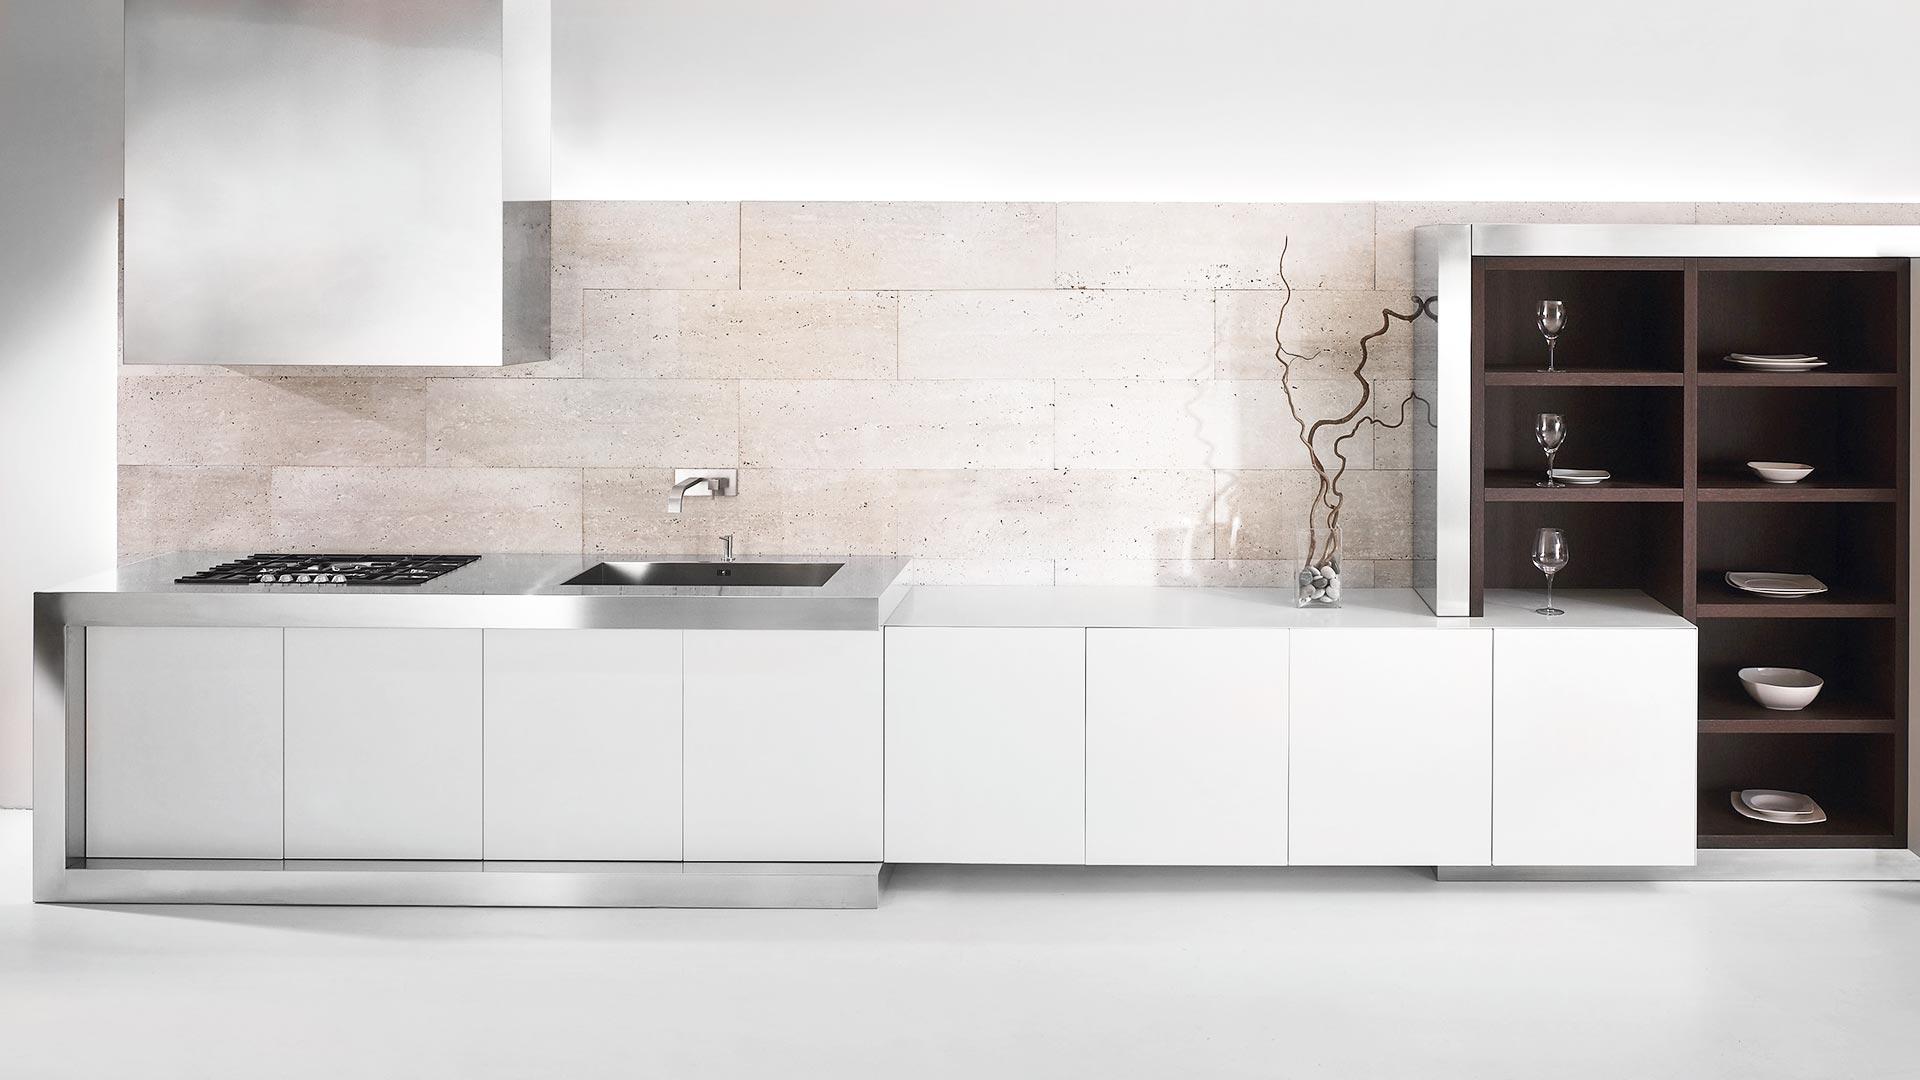 cucine monoblocco - Cucine Compatte Design